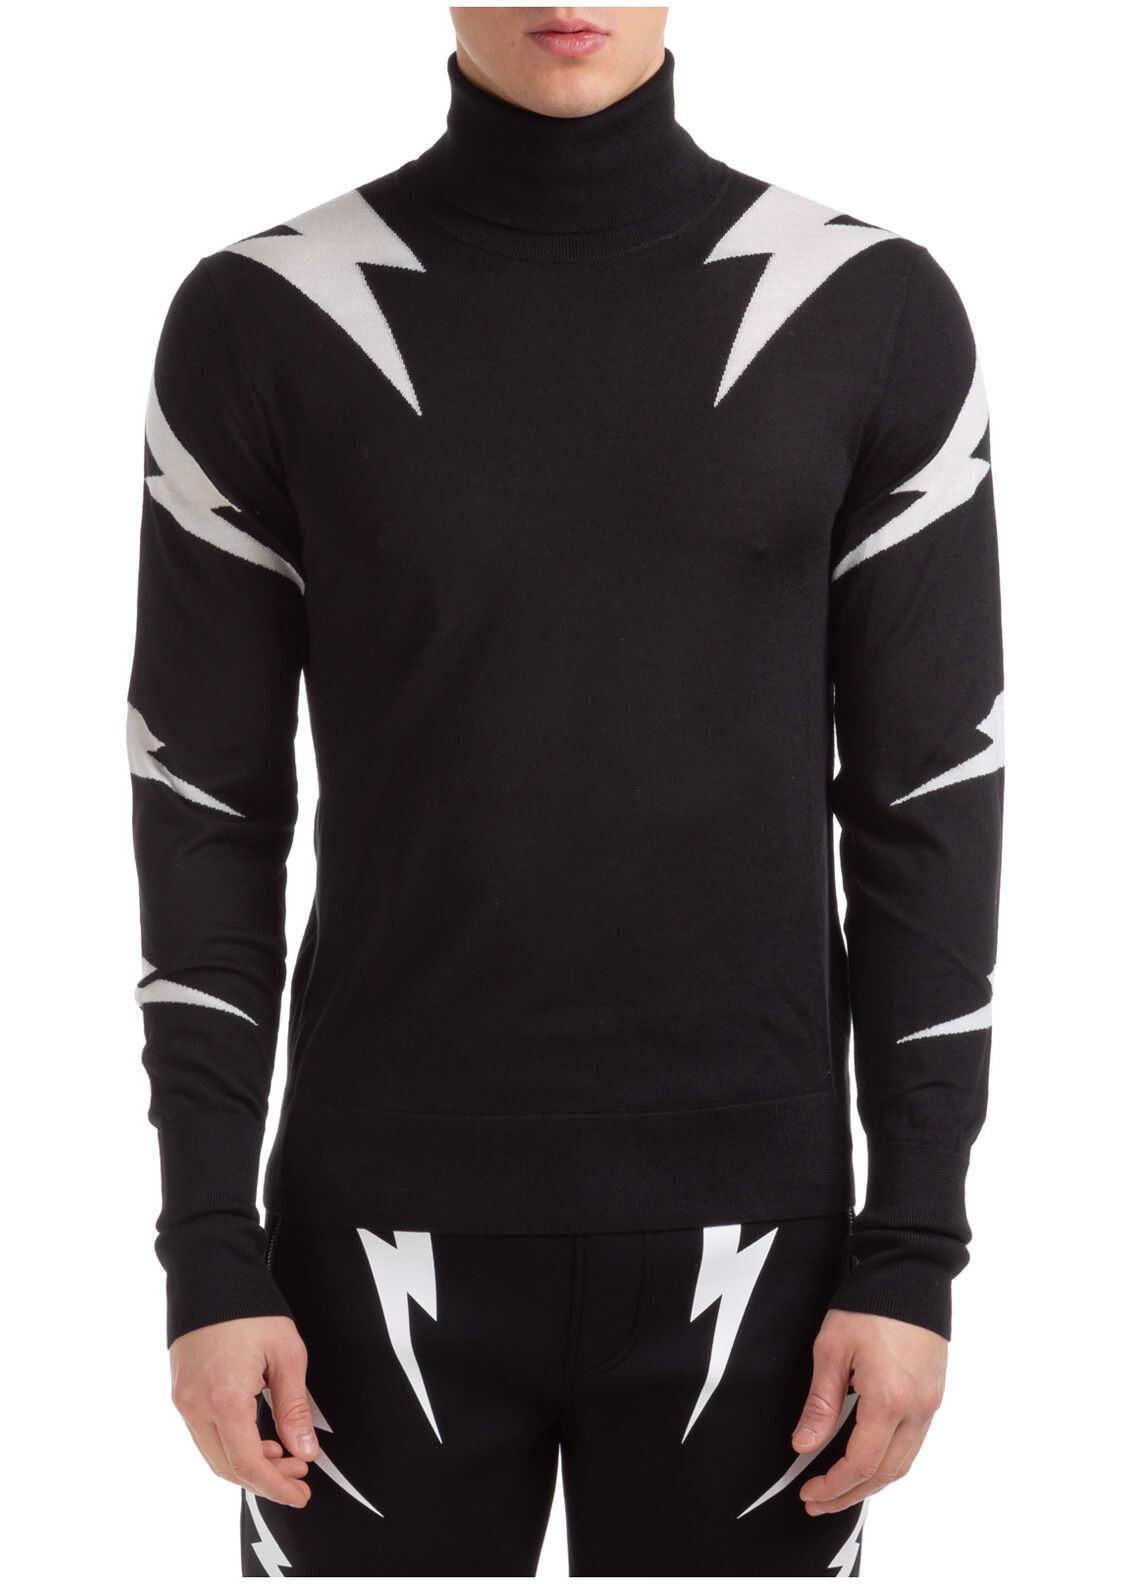 Neil Barrett Sweater Thunderbolt Black